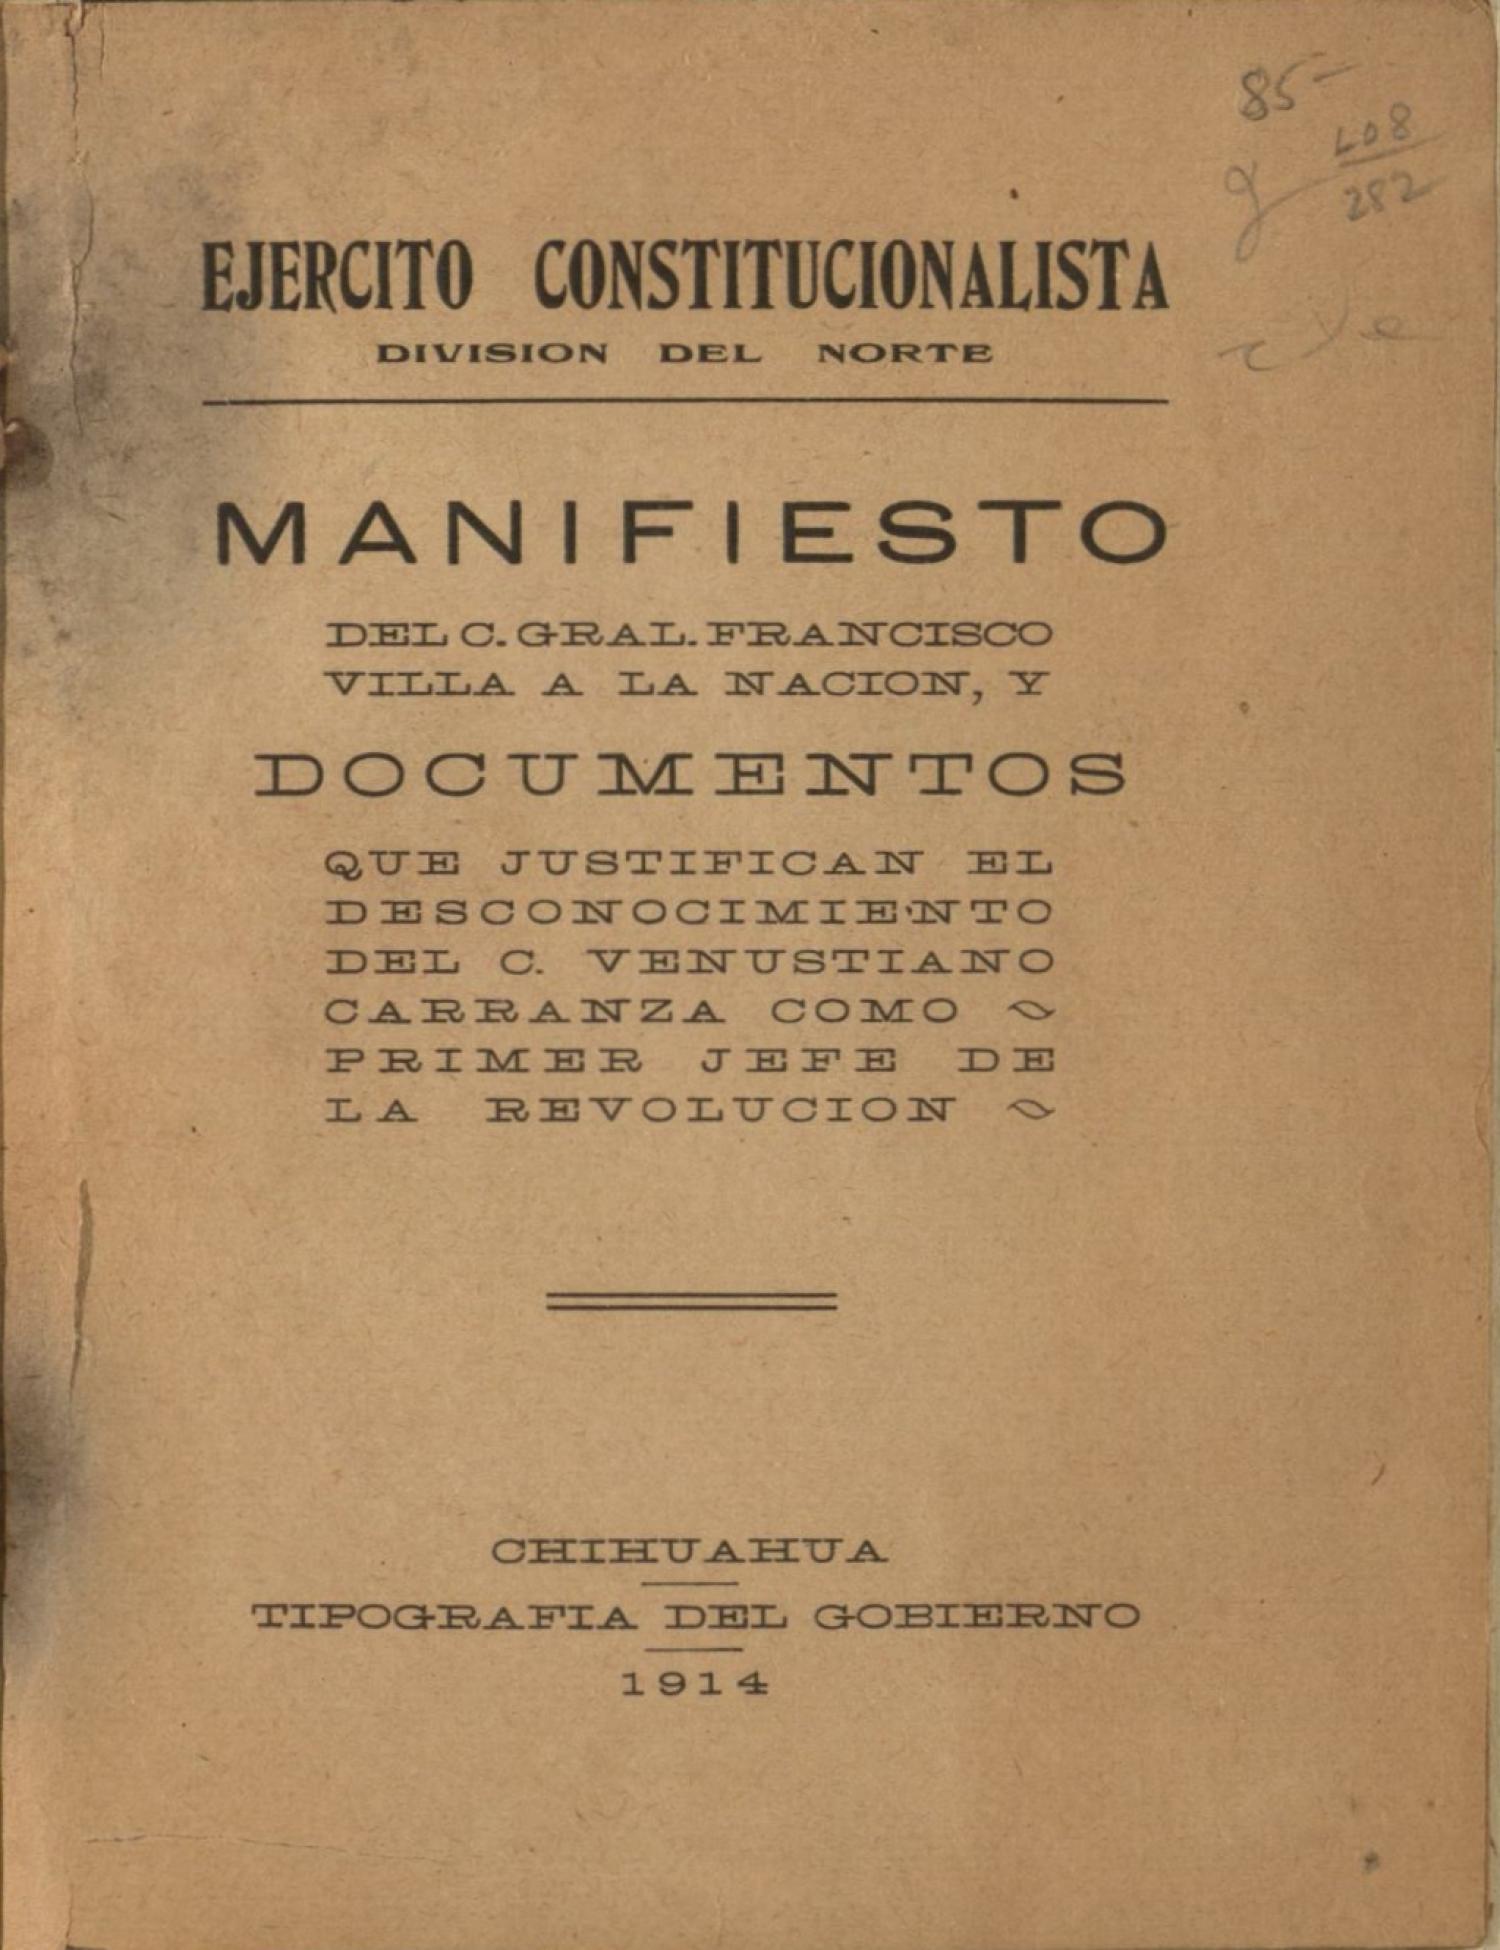 Manifiesto del C. Gral Francisco Villa a la nación y